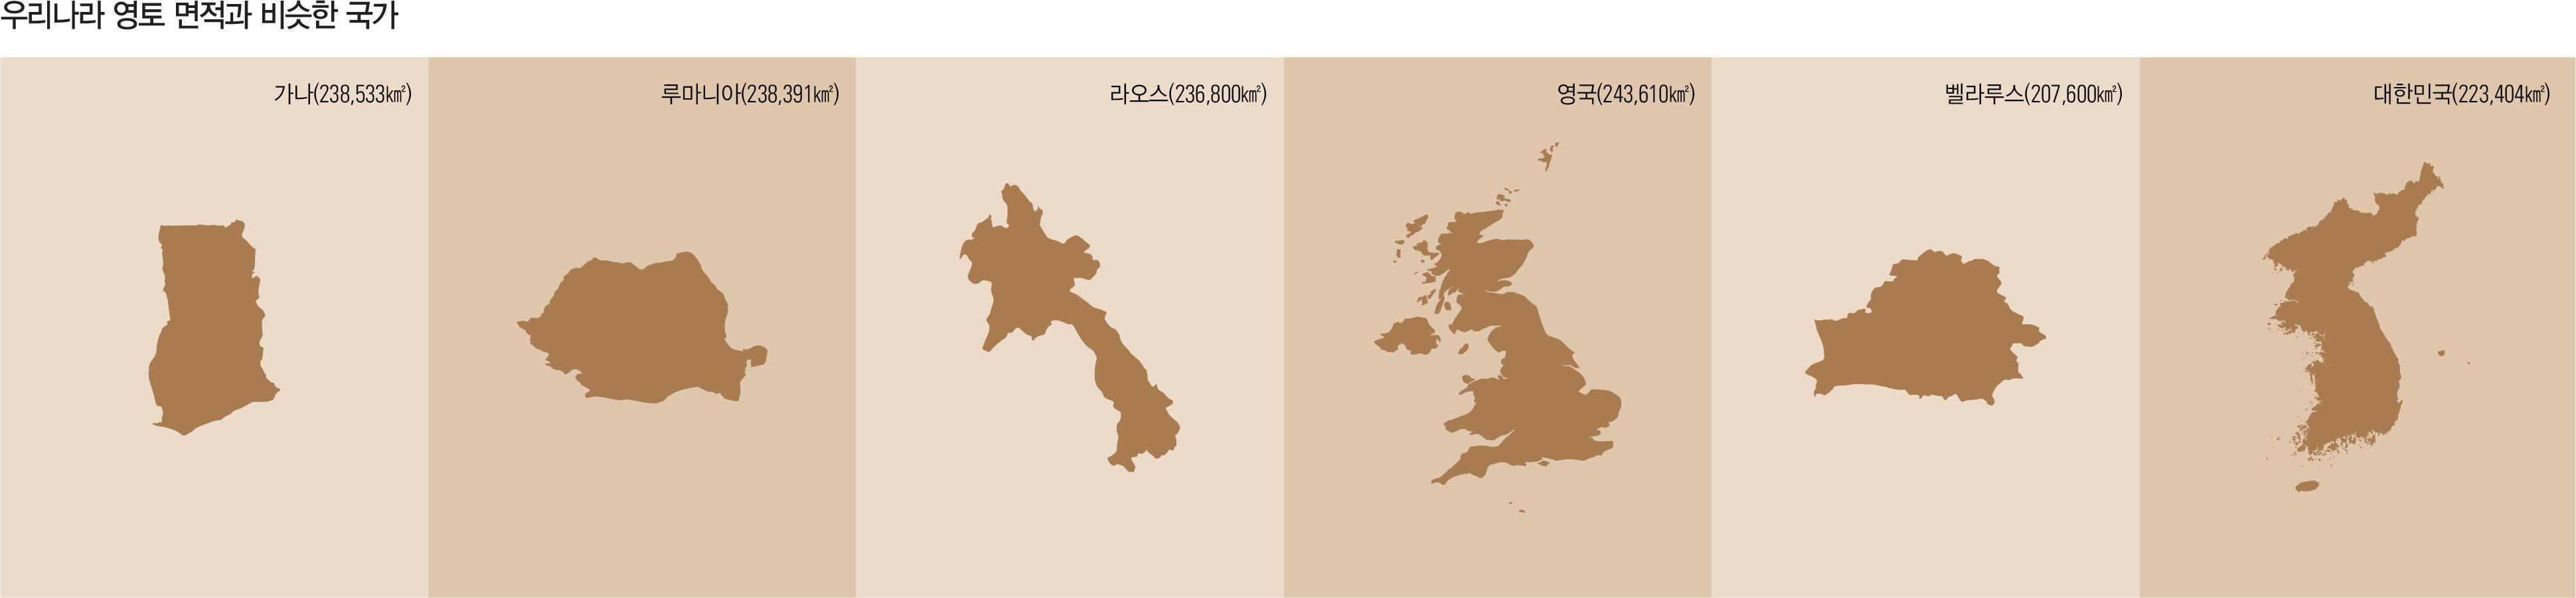 우리나라 영토 면적과 비슷한 국가